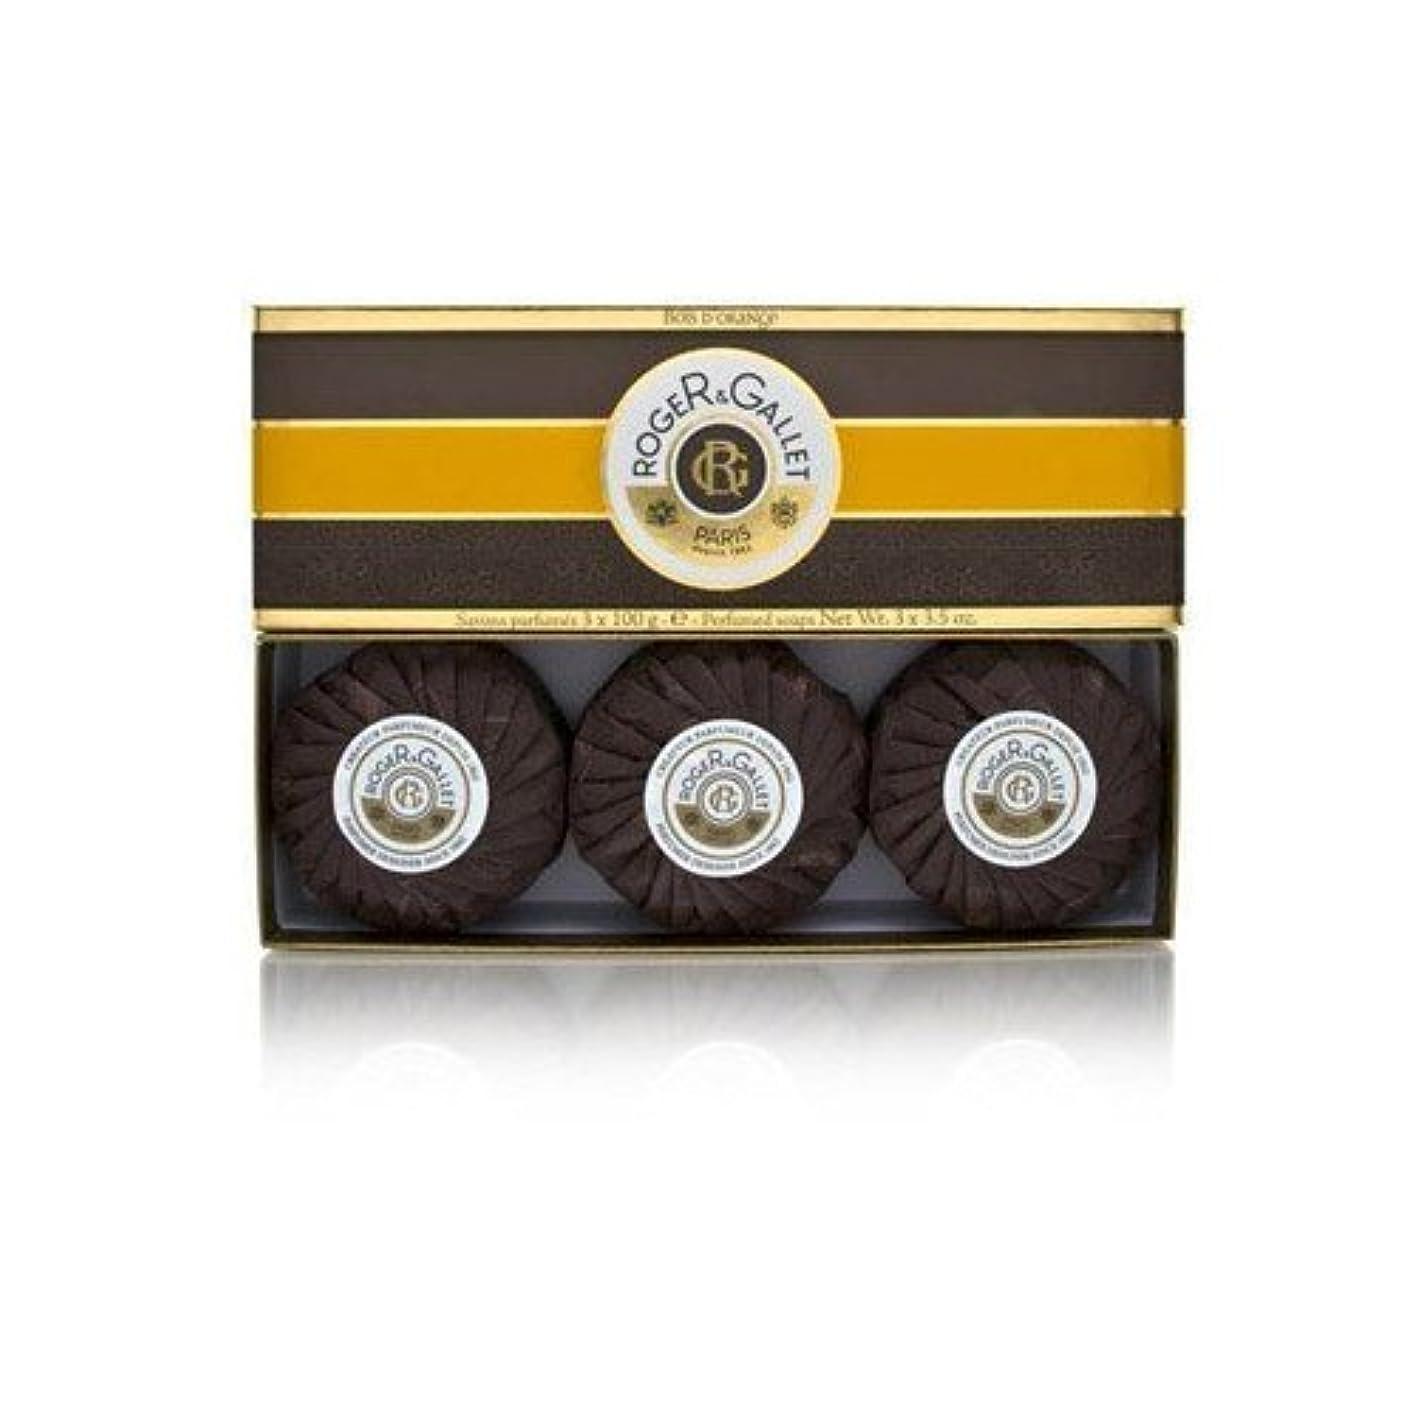 オールタバコ社員ロジェガレ ボワ ドランジュ (オレンジツリー) 香水石鹸3個セット ROGER&GALLET BOIS D'ORANGE PERFUMED SOAP [0161]